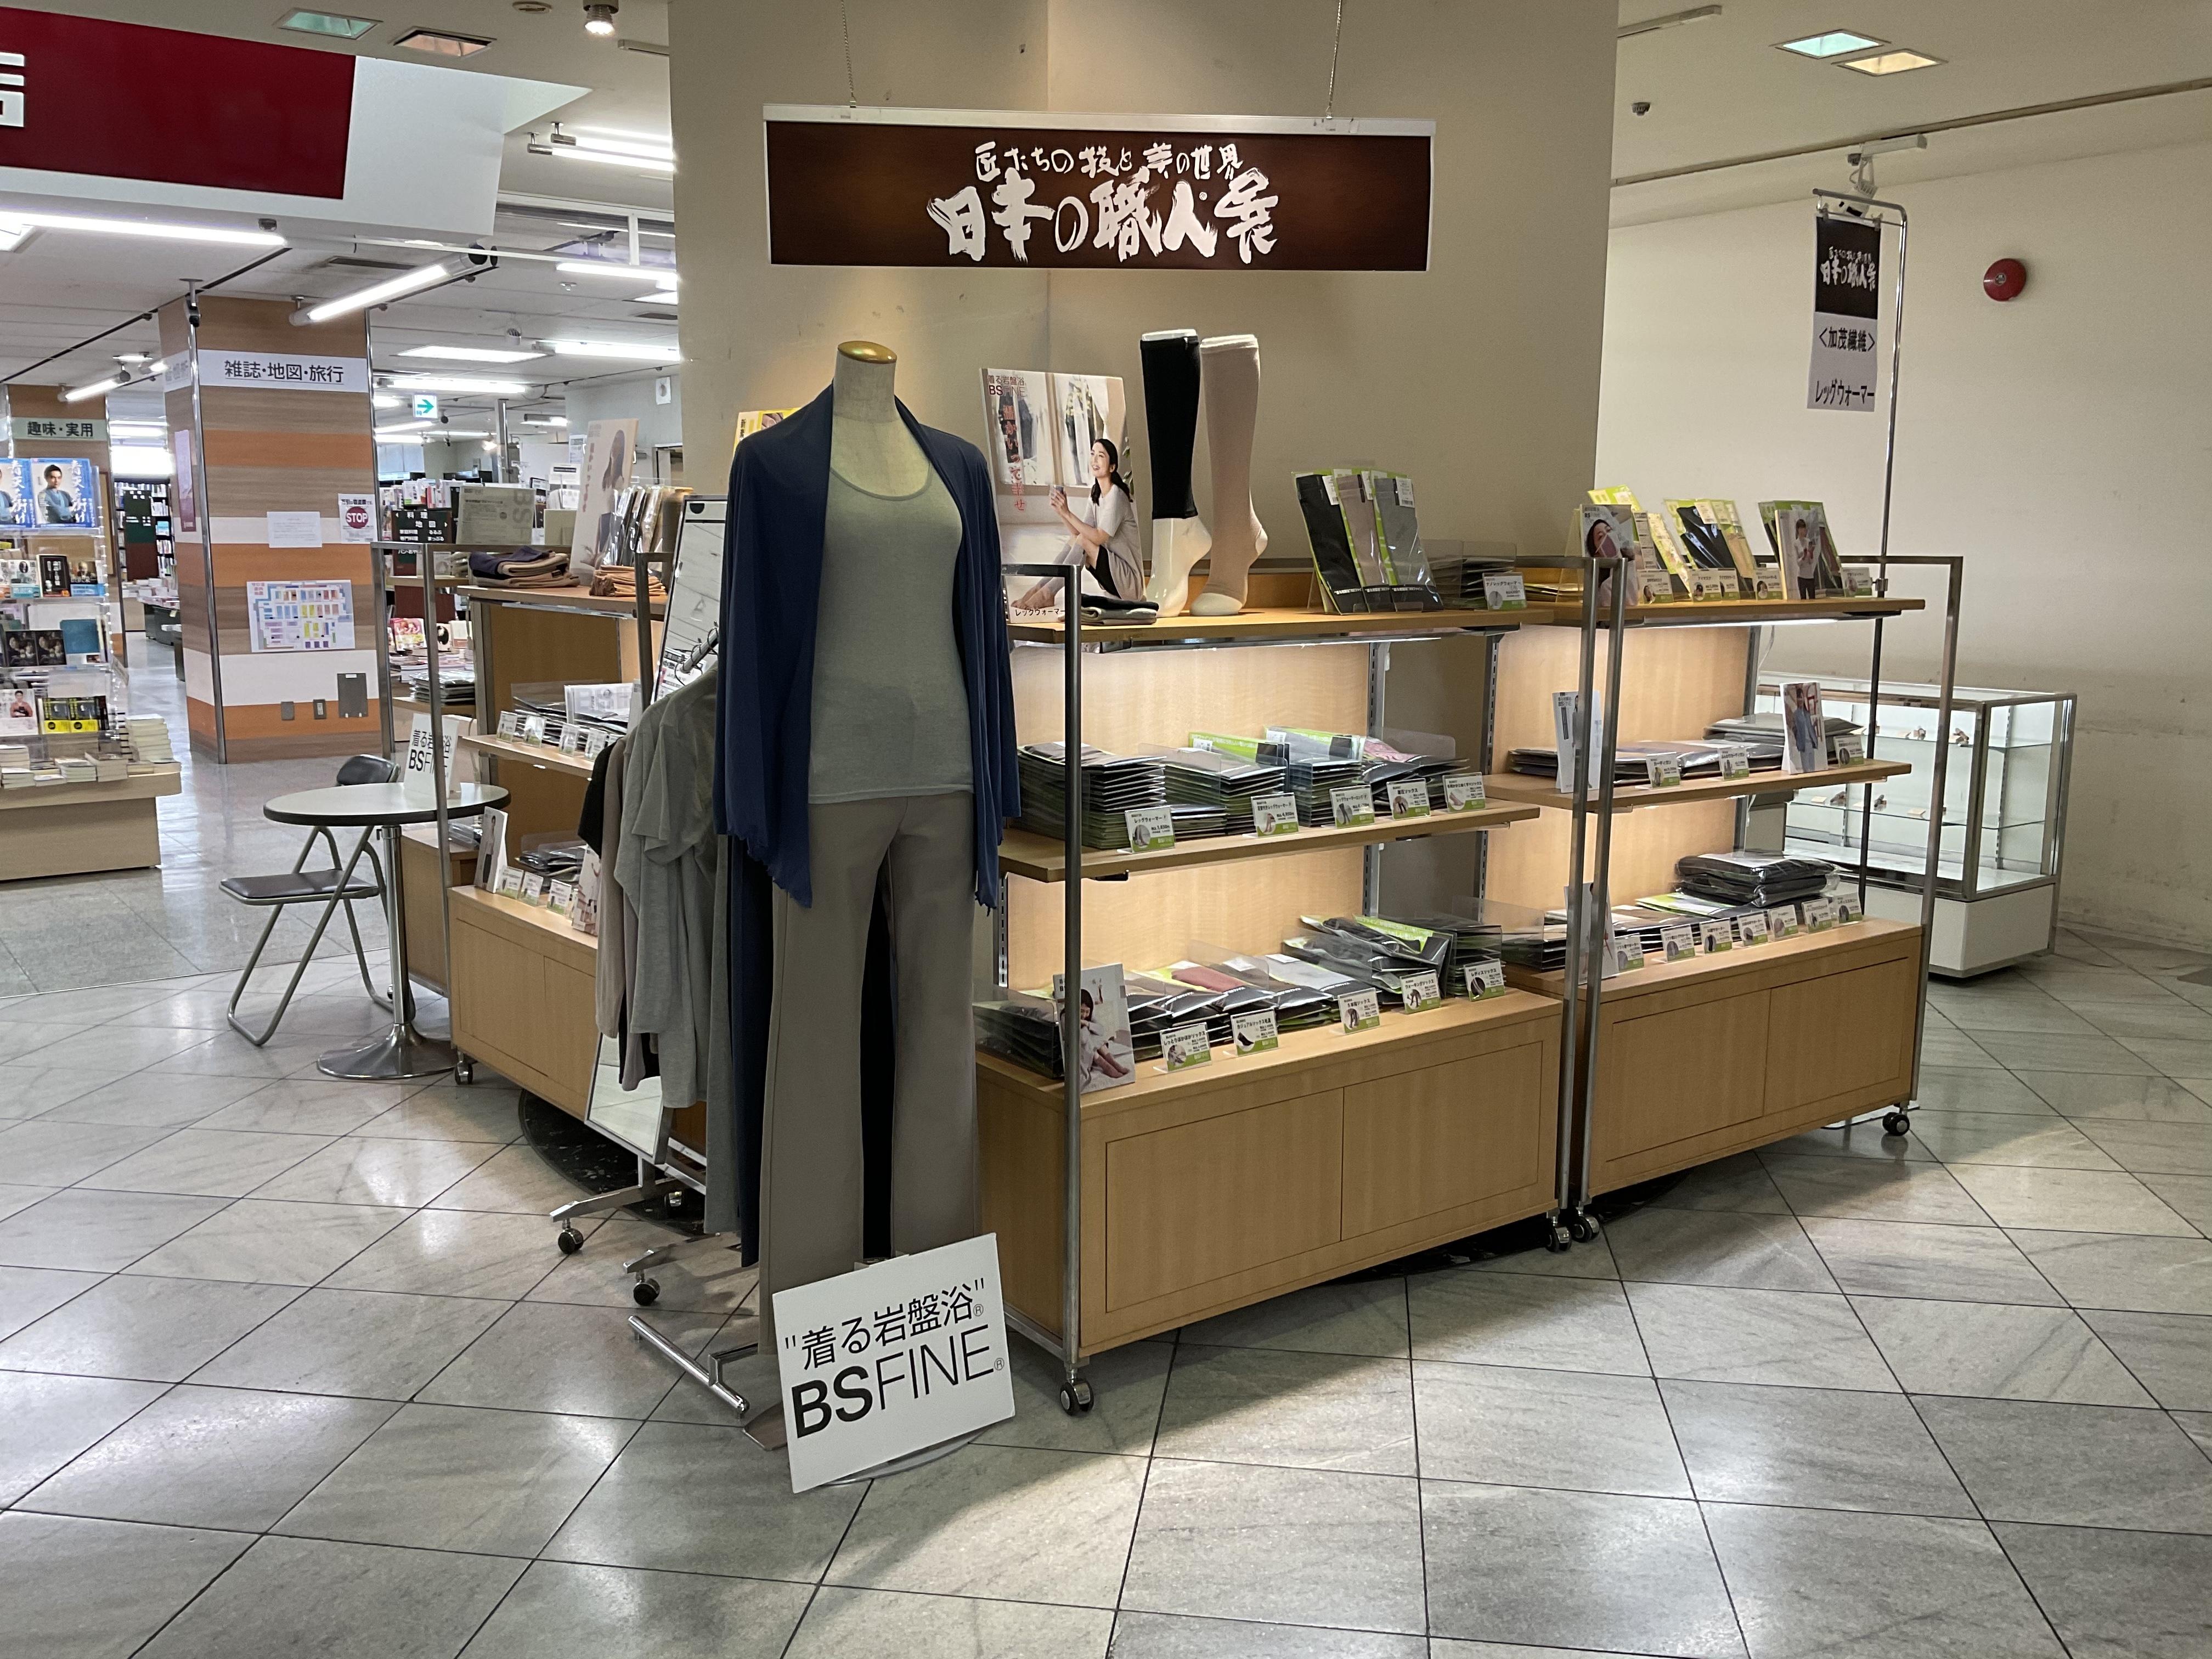 京阪 百貨店